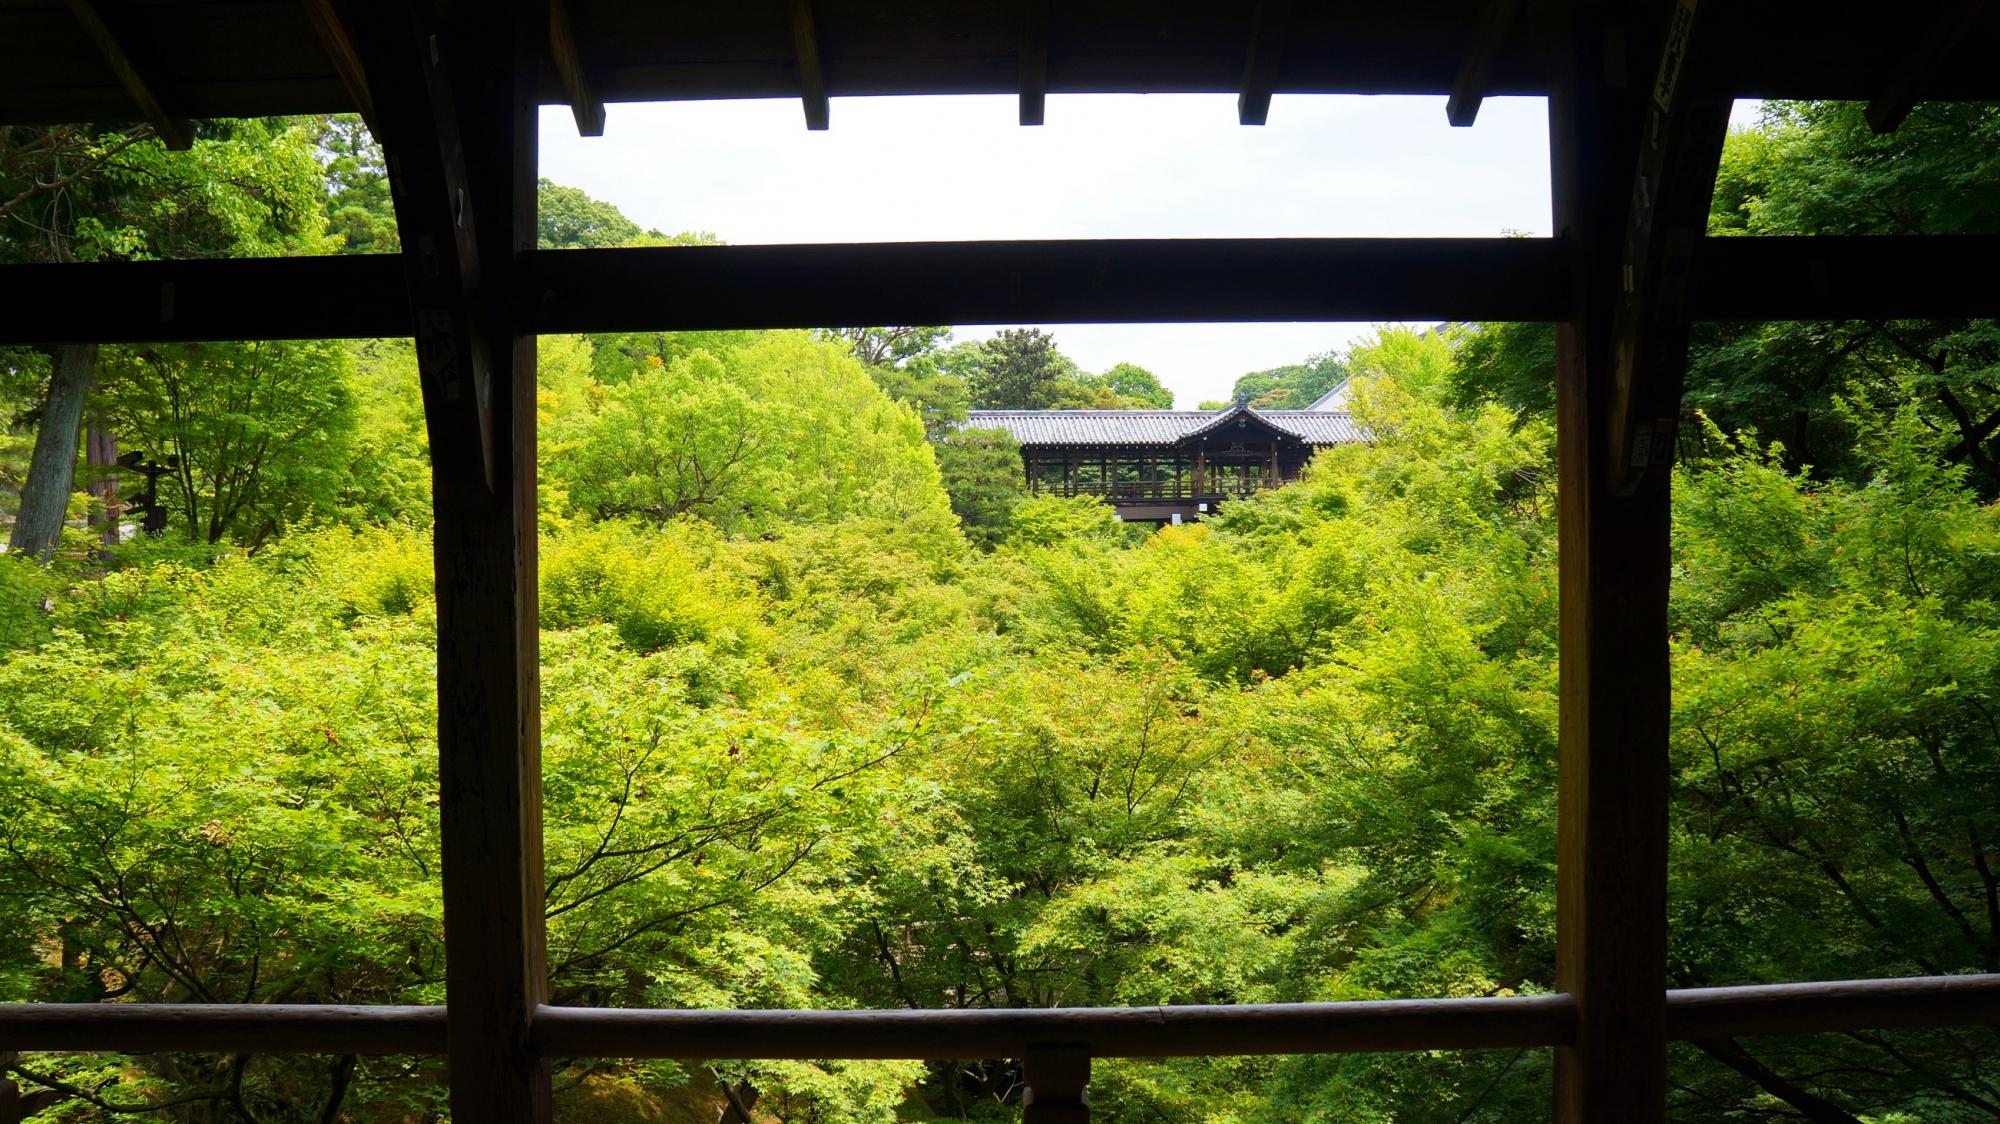 東福寺の臥雲橋からの通天橋の眺めの広がる新緑の海